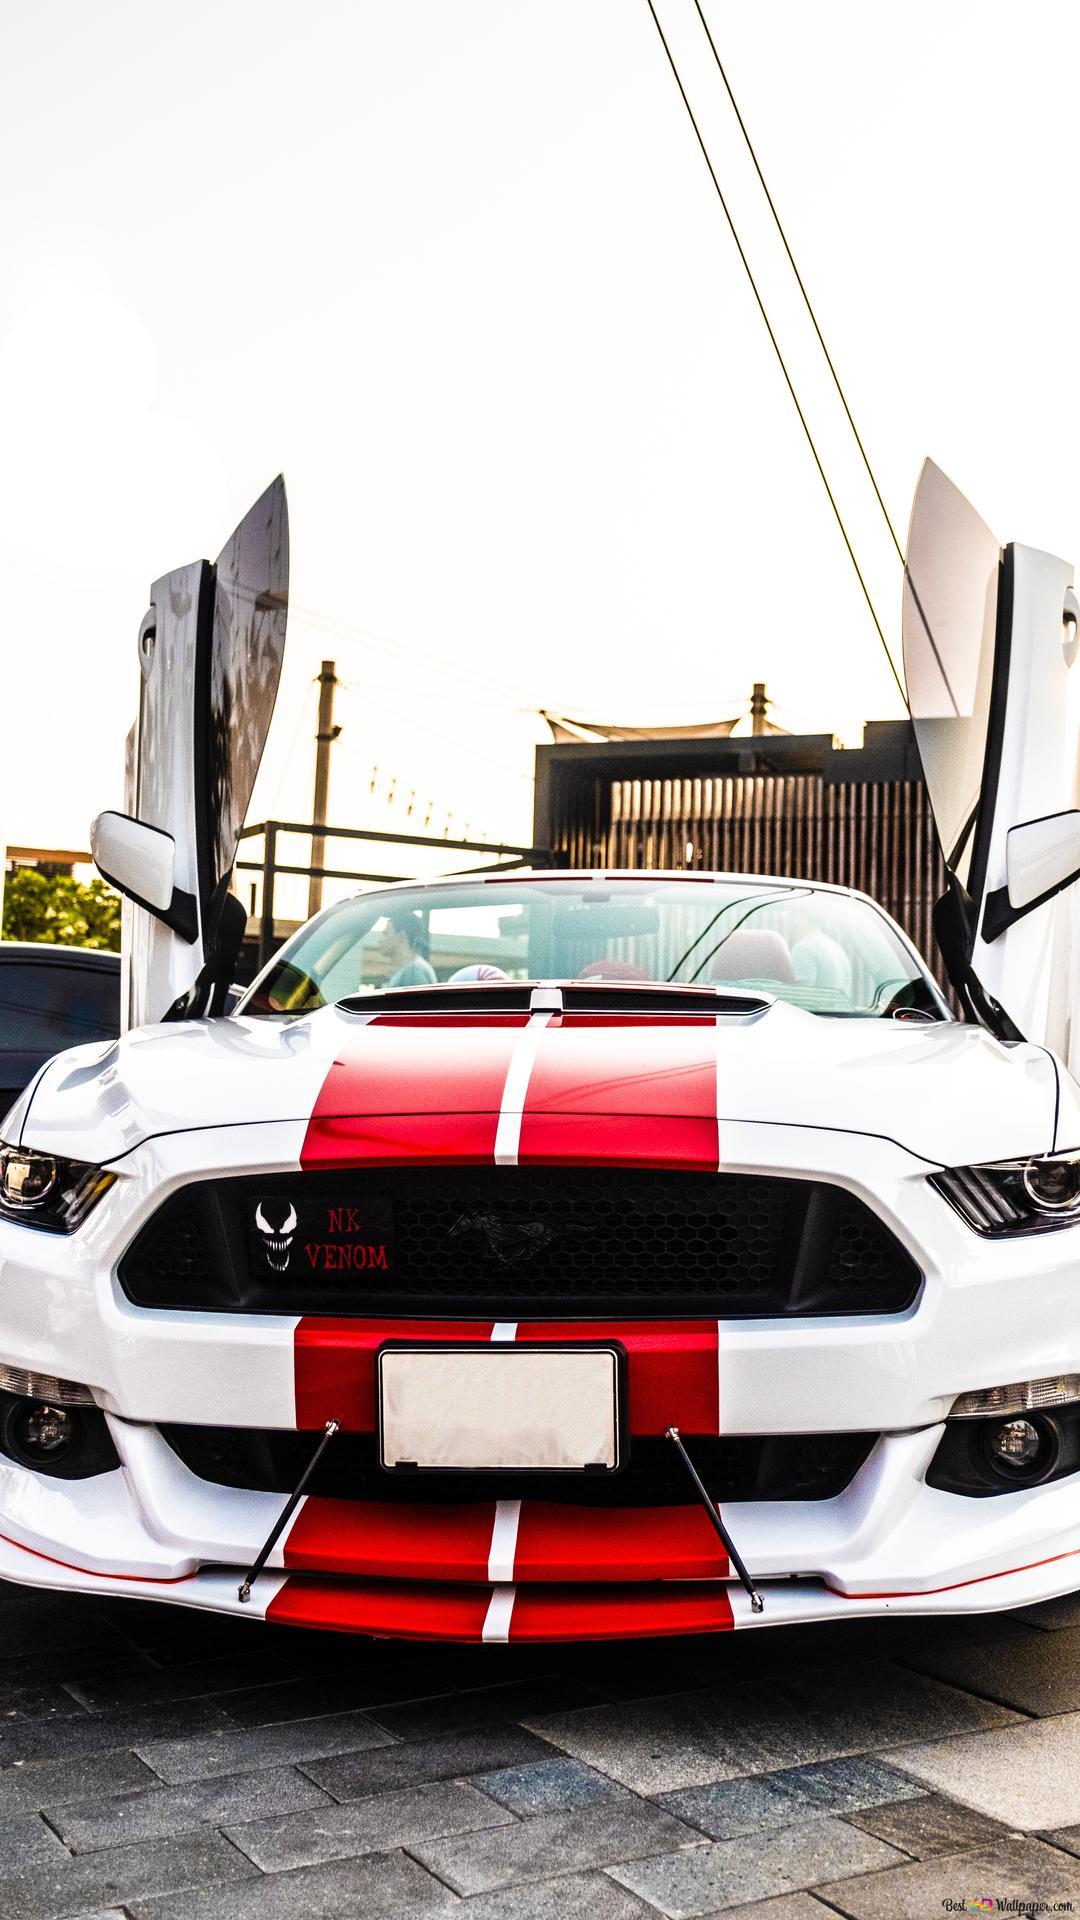 Descargar Fondo De Pantalla Blanco Y Rojo Ford Mustang Hd